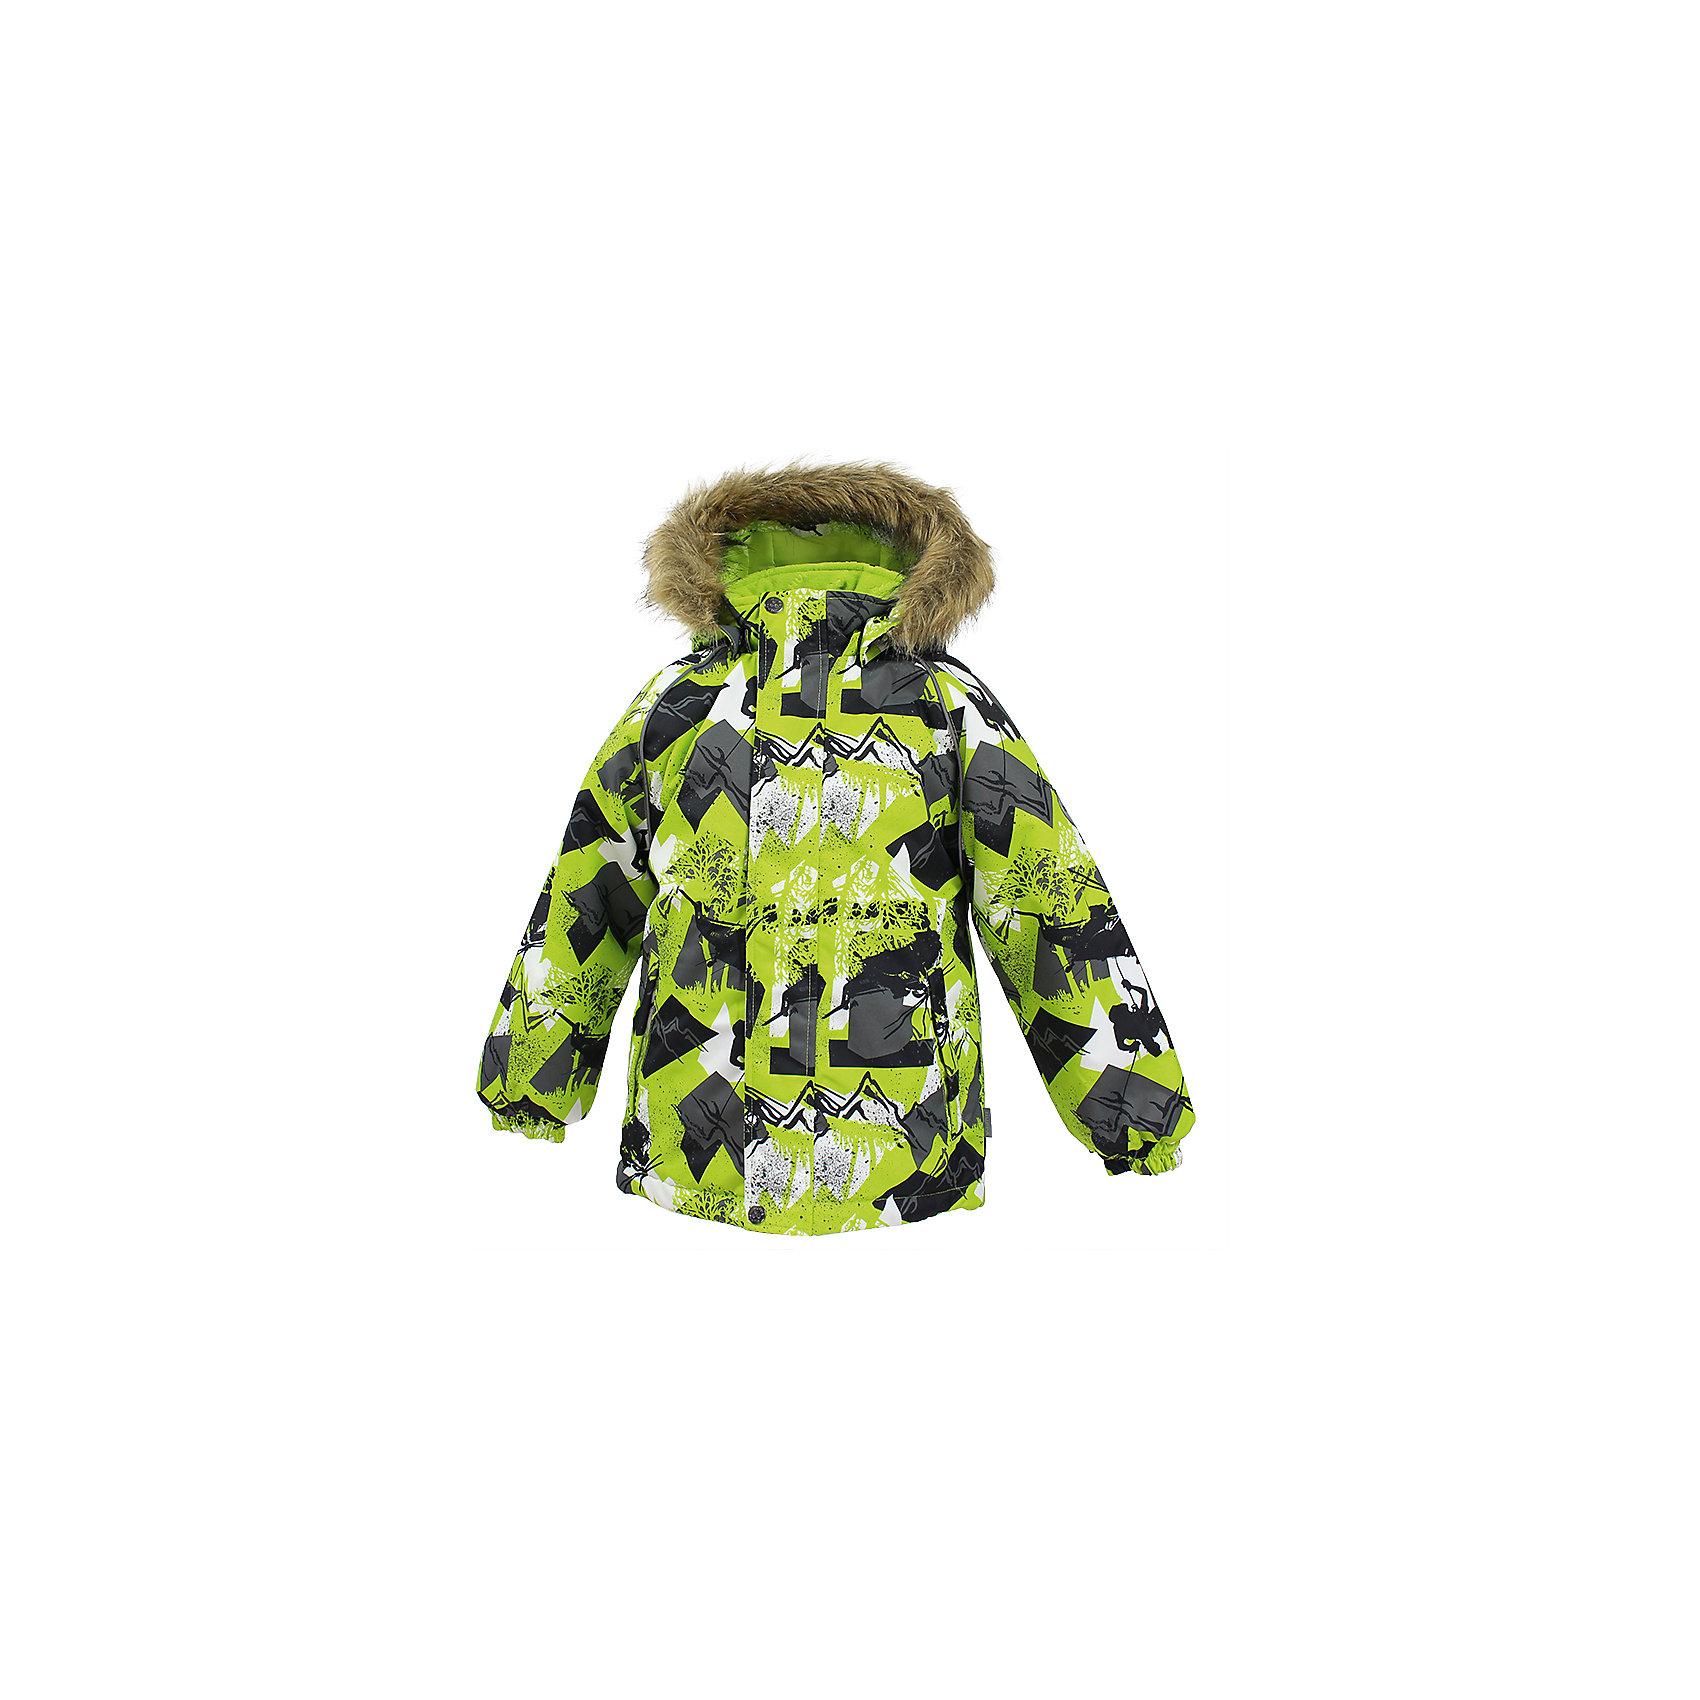 Куртка MARINEL HuppaЗимние куртки<br>Куртка для детей MARINEL.Водо и воздухонепроницаемость 10 000. Утеплитель 300 гр. Подкладка тафта, флис 100% полиэстер. Отстегивающийся капюшон с мехом. Манжеты рукавов на резинке. Имеются светоотражательные детали.<br>Состав:<br>100% Полиэстер<br><br>Ширина мм: 356<br>Глубина мм: 10<br>Высота мм: 245<br>Вес г: 519<br>Цвет: зеленый<br>Возраст от месяцев: 108<br>Возраст до месяцев: 120<br>Пол: Унисекс<br>Возраст: Детский<br>Размер: 140,110,116,122,128,134<br>SKU: 7027372